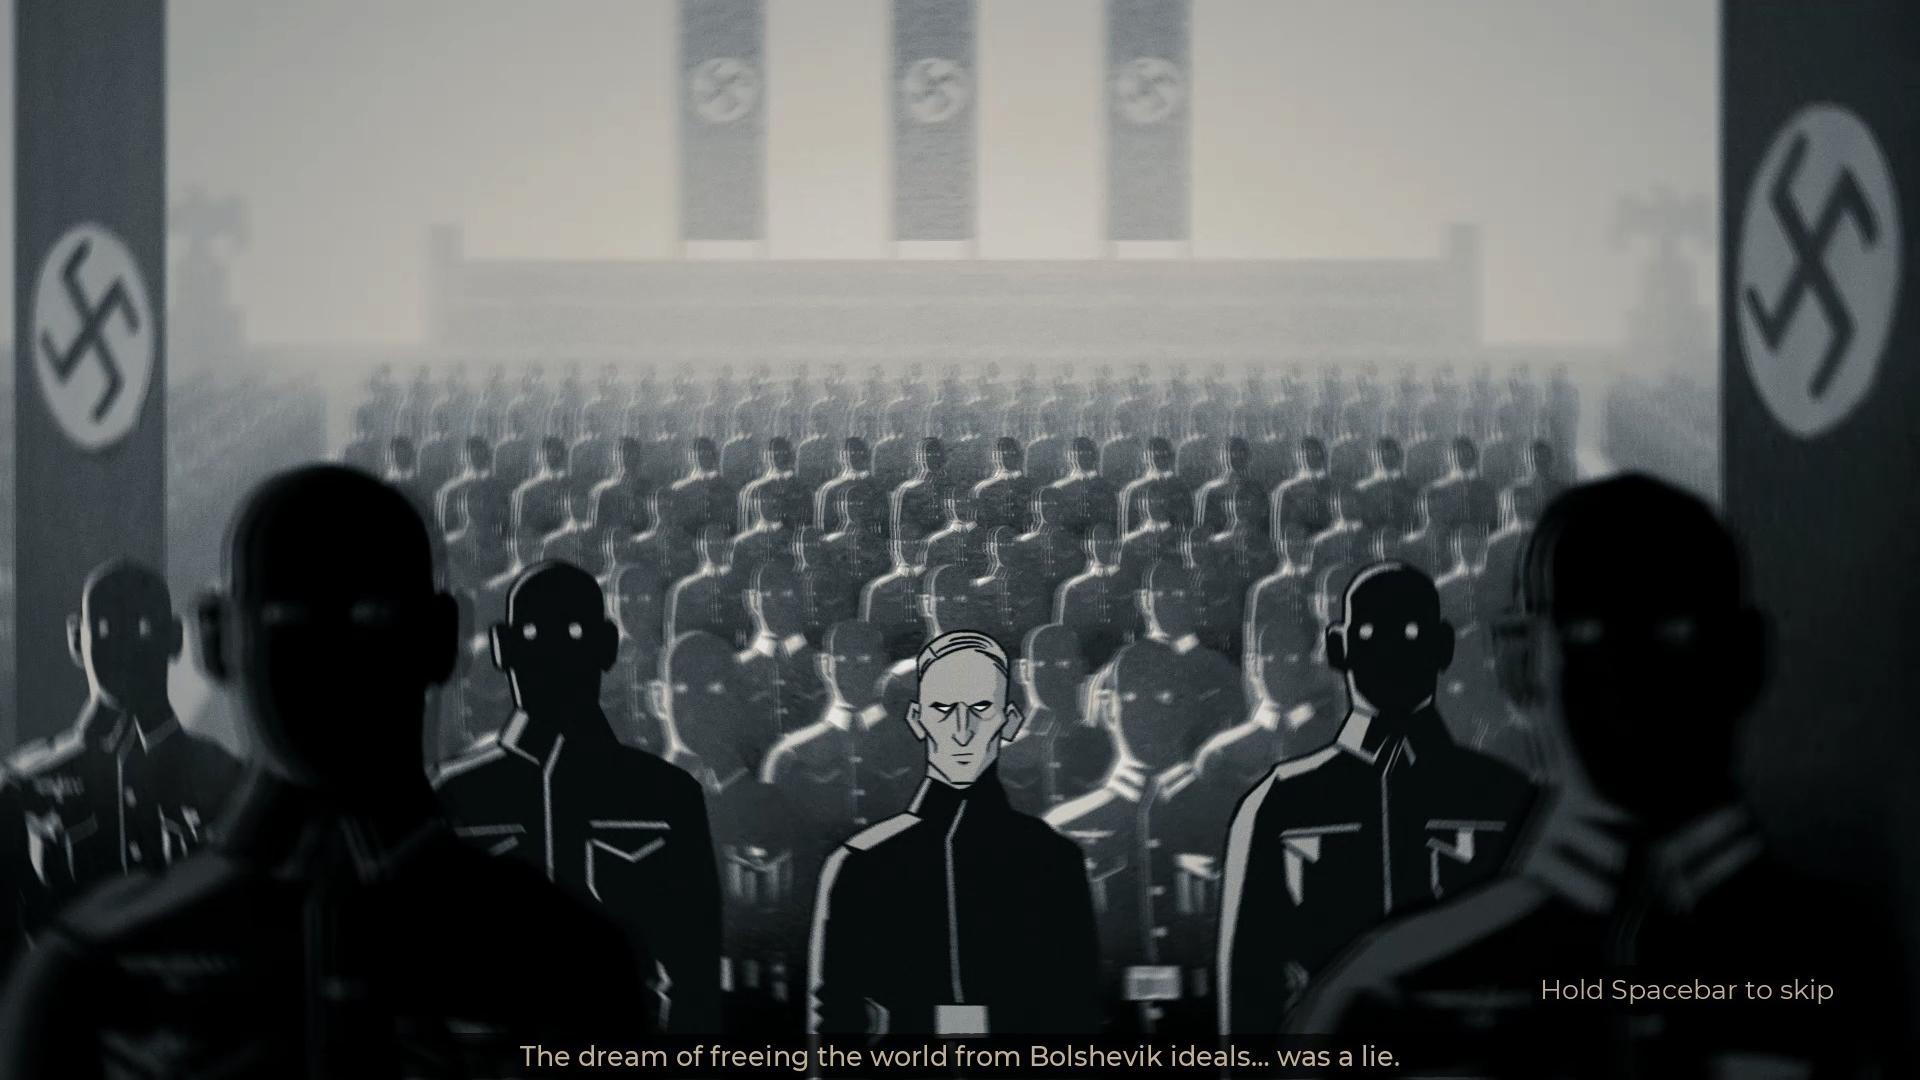 Temný príbeh je sprevádzaný príhodnými a pútavými animovanými sekvenciami.